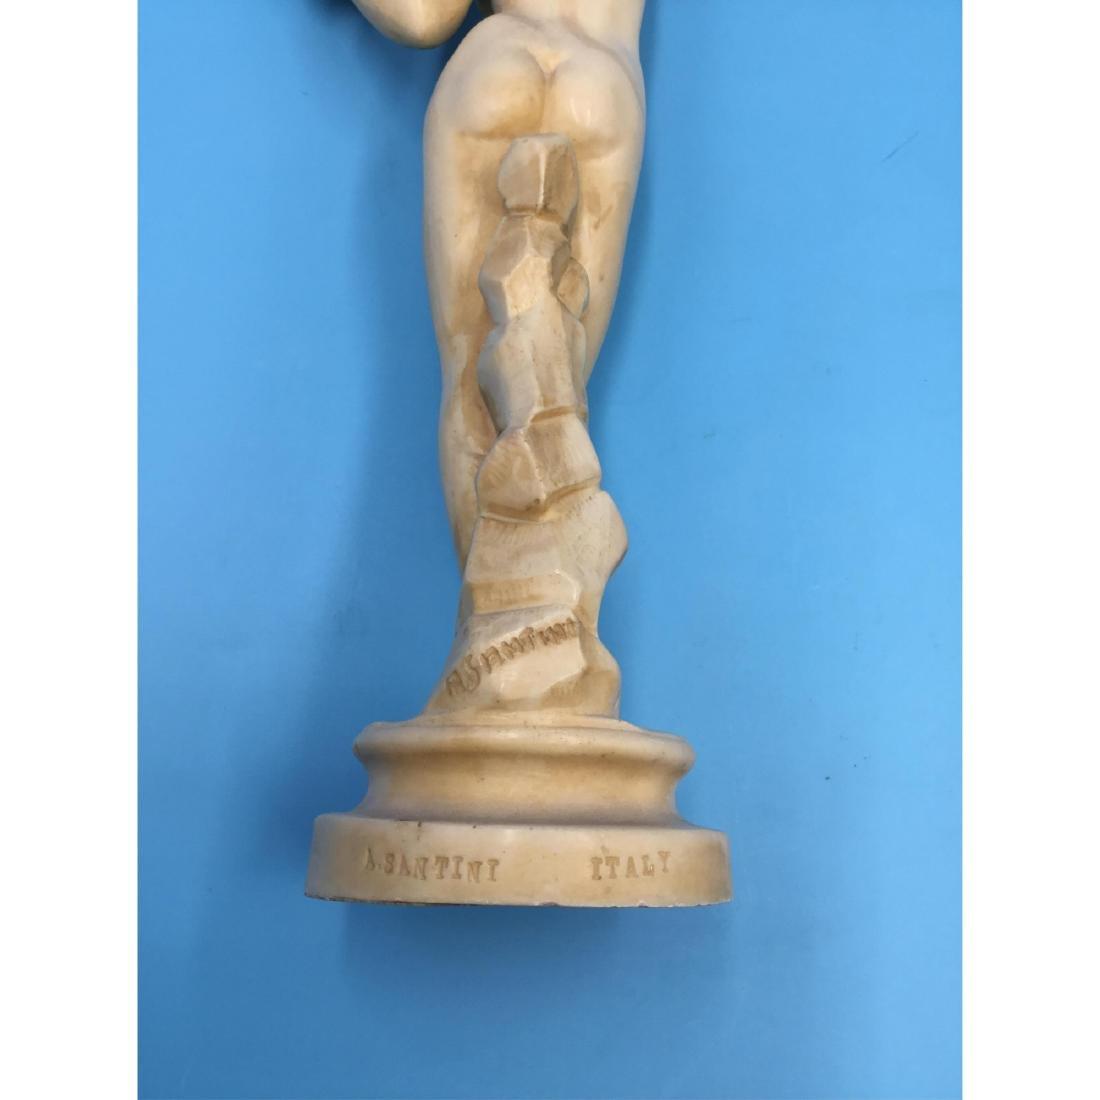 A. SANTINI (ITALIAN, 1910-1975) SCULPTURES NUDES - 5